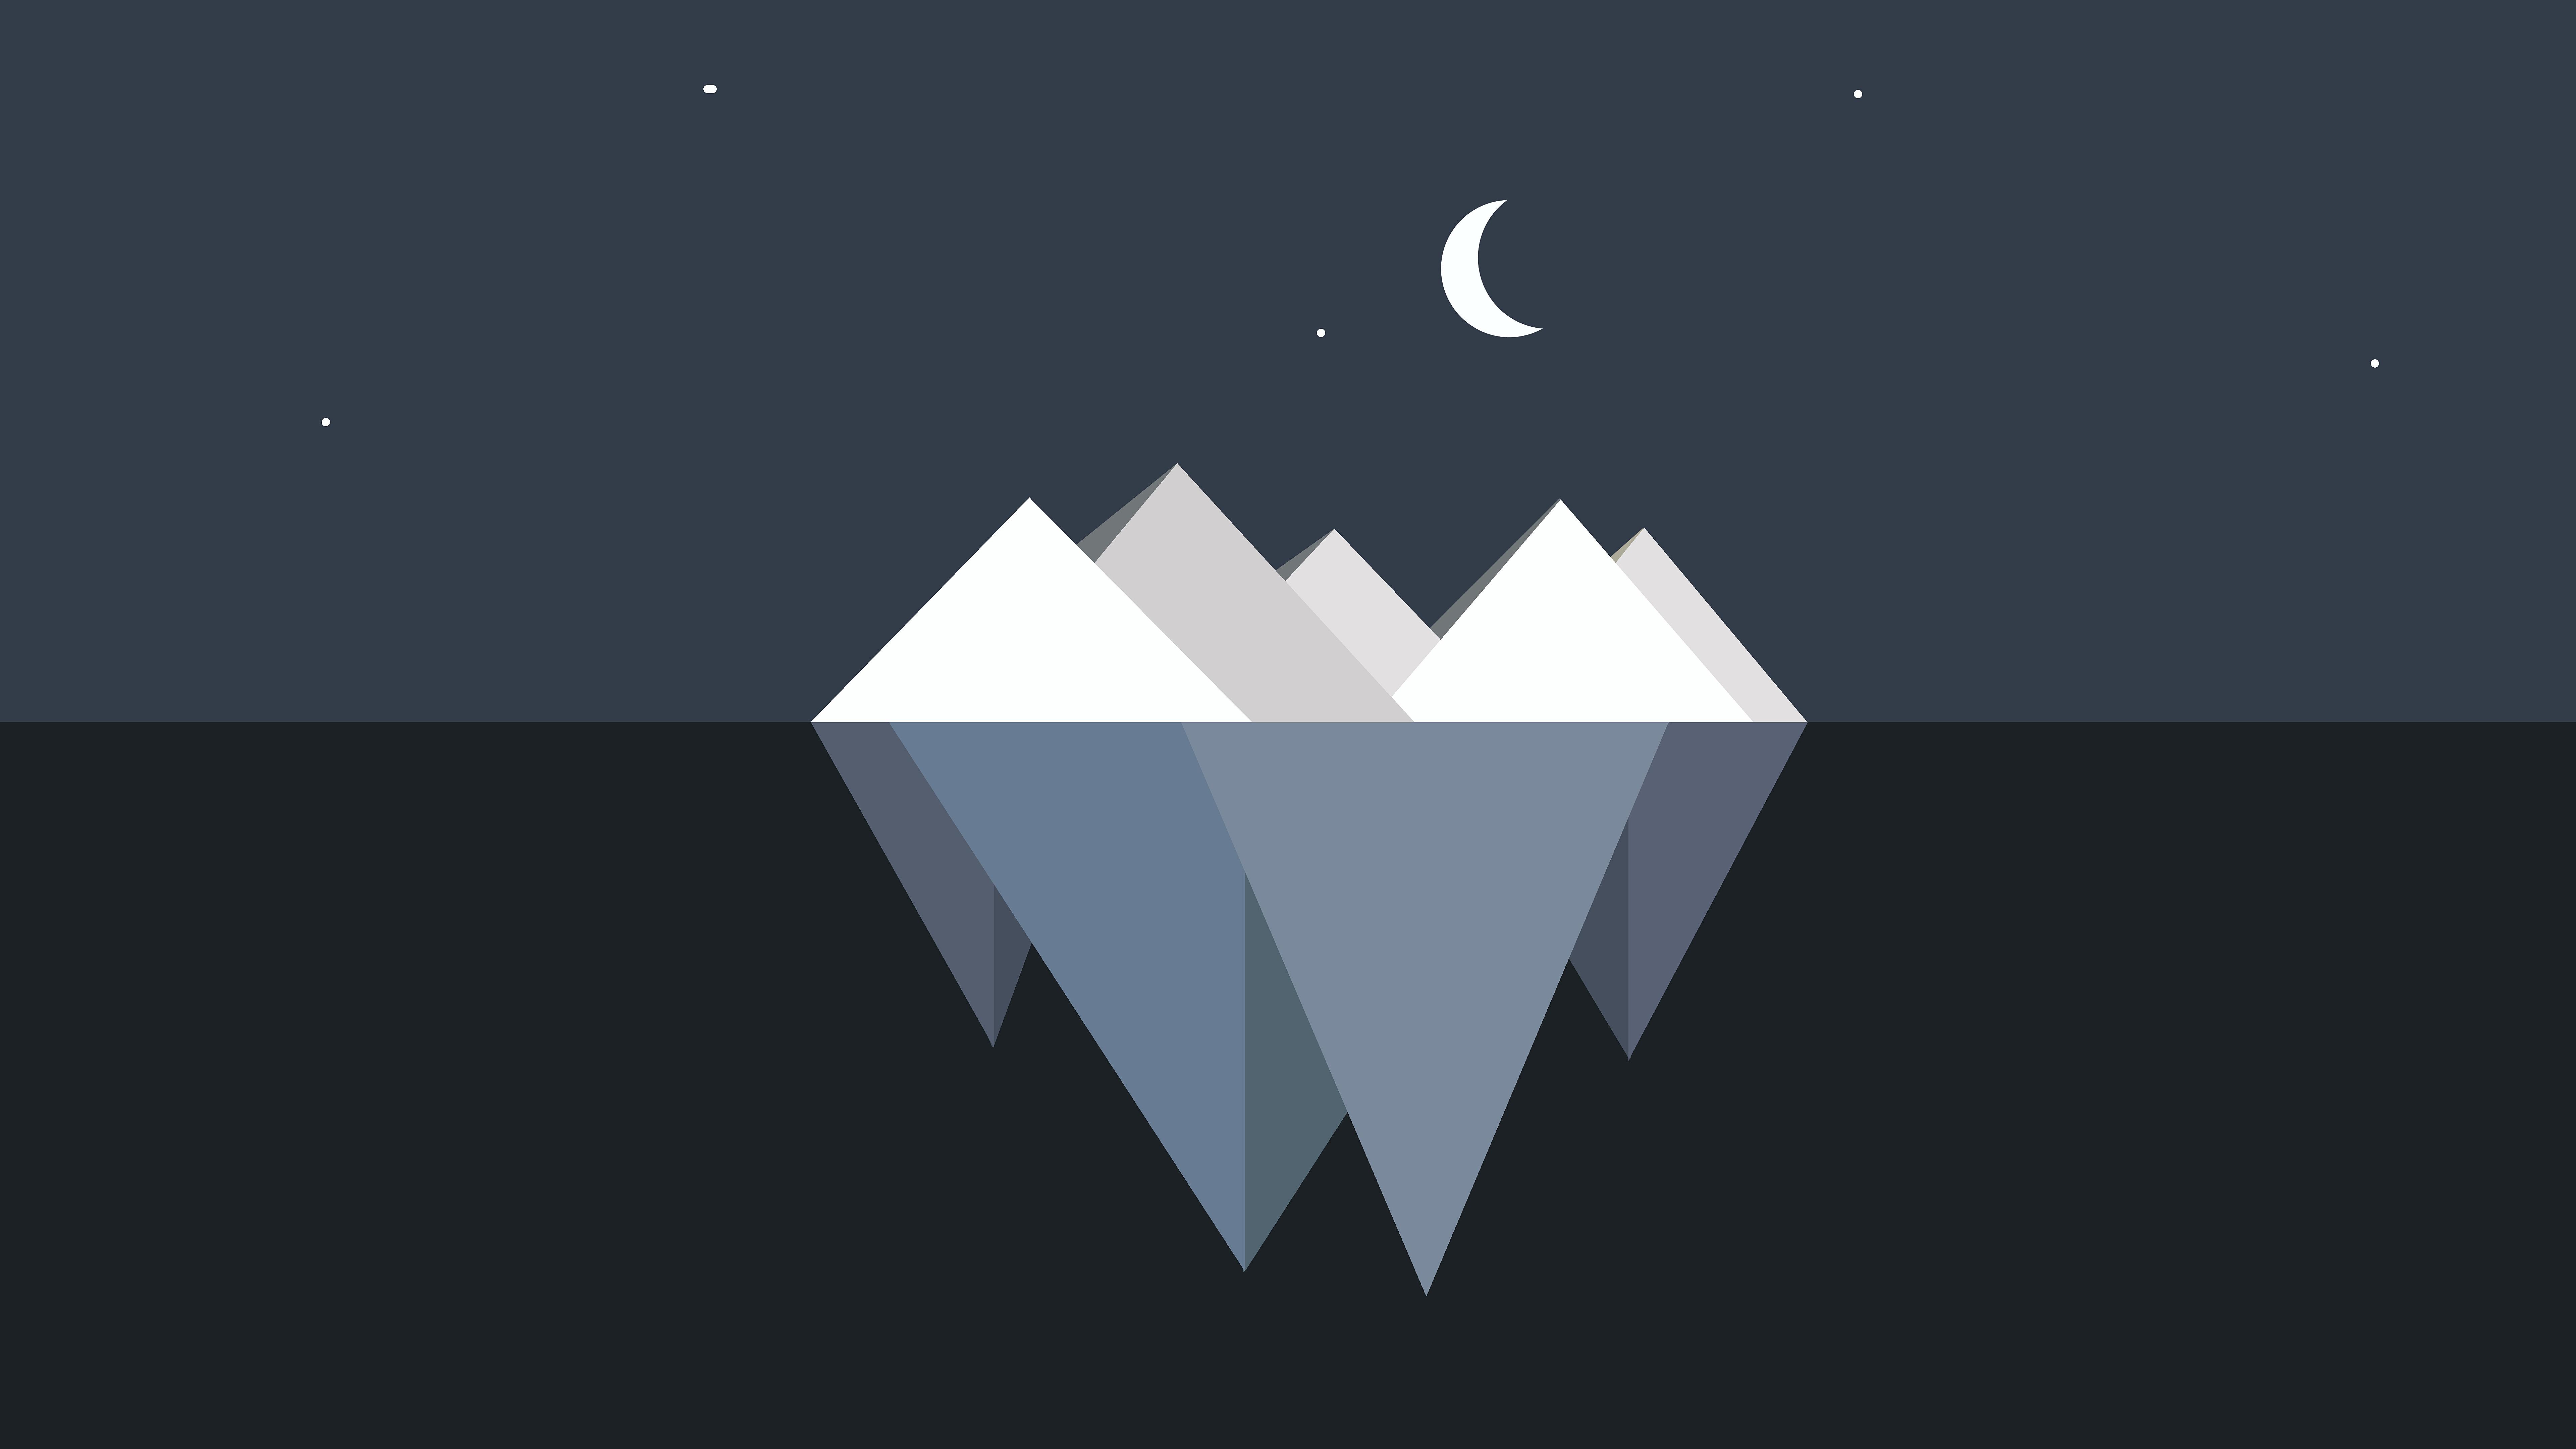 Iceberg Minimalist Wallpaper, HD Minimalist 4K Wallpapers ...